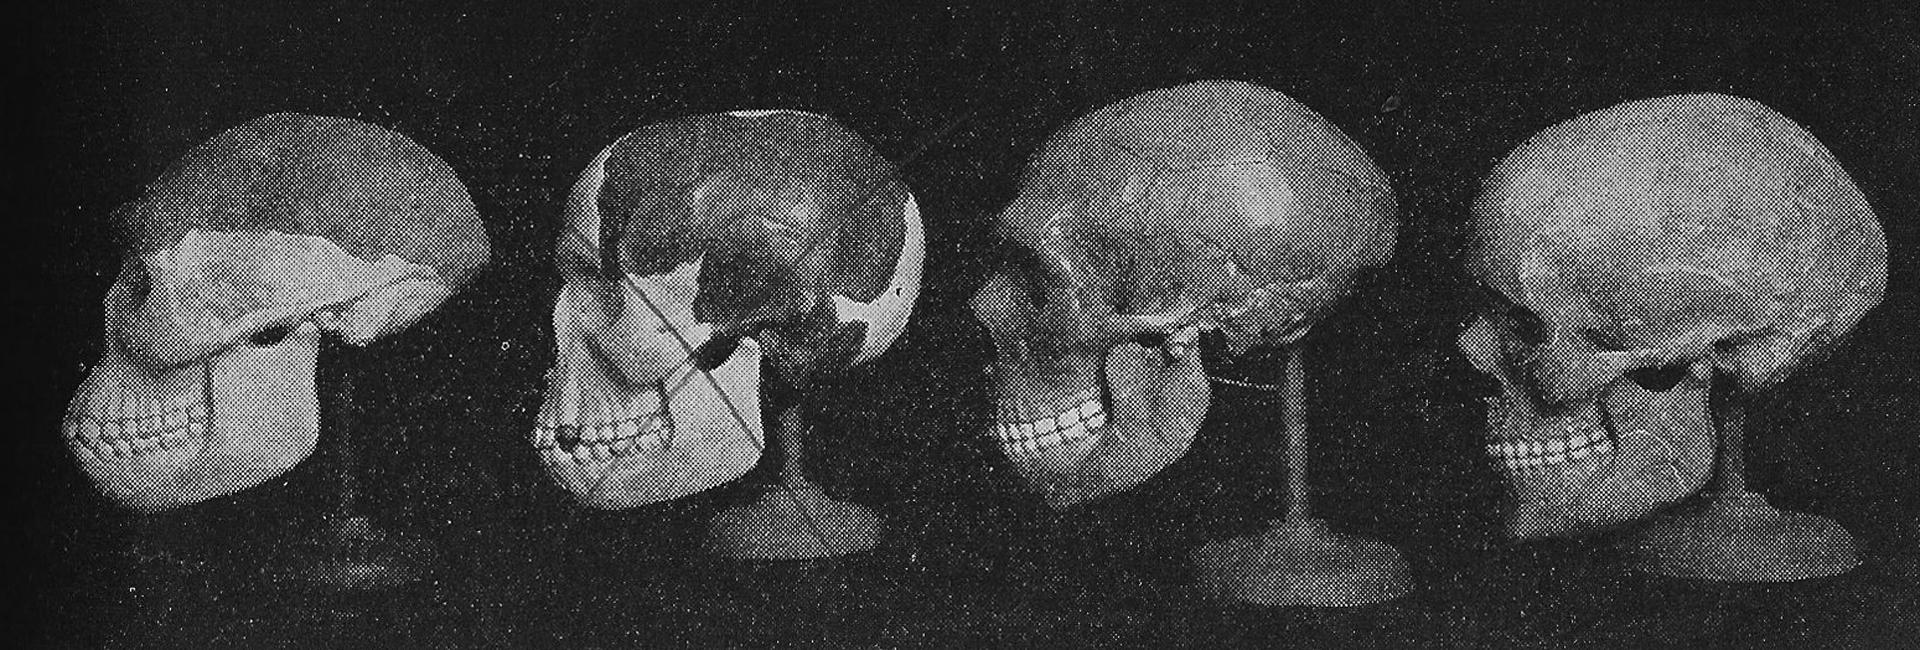 """Los cuatro hombres originarios: el hombre de Java, Piltdown -tachado-, neanderthal y el hombre de Cromañón en la edición de 1952 del libro """"Elementos de la Biología"""". Un año después, el fraude quedaba desarticulado"""